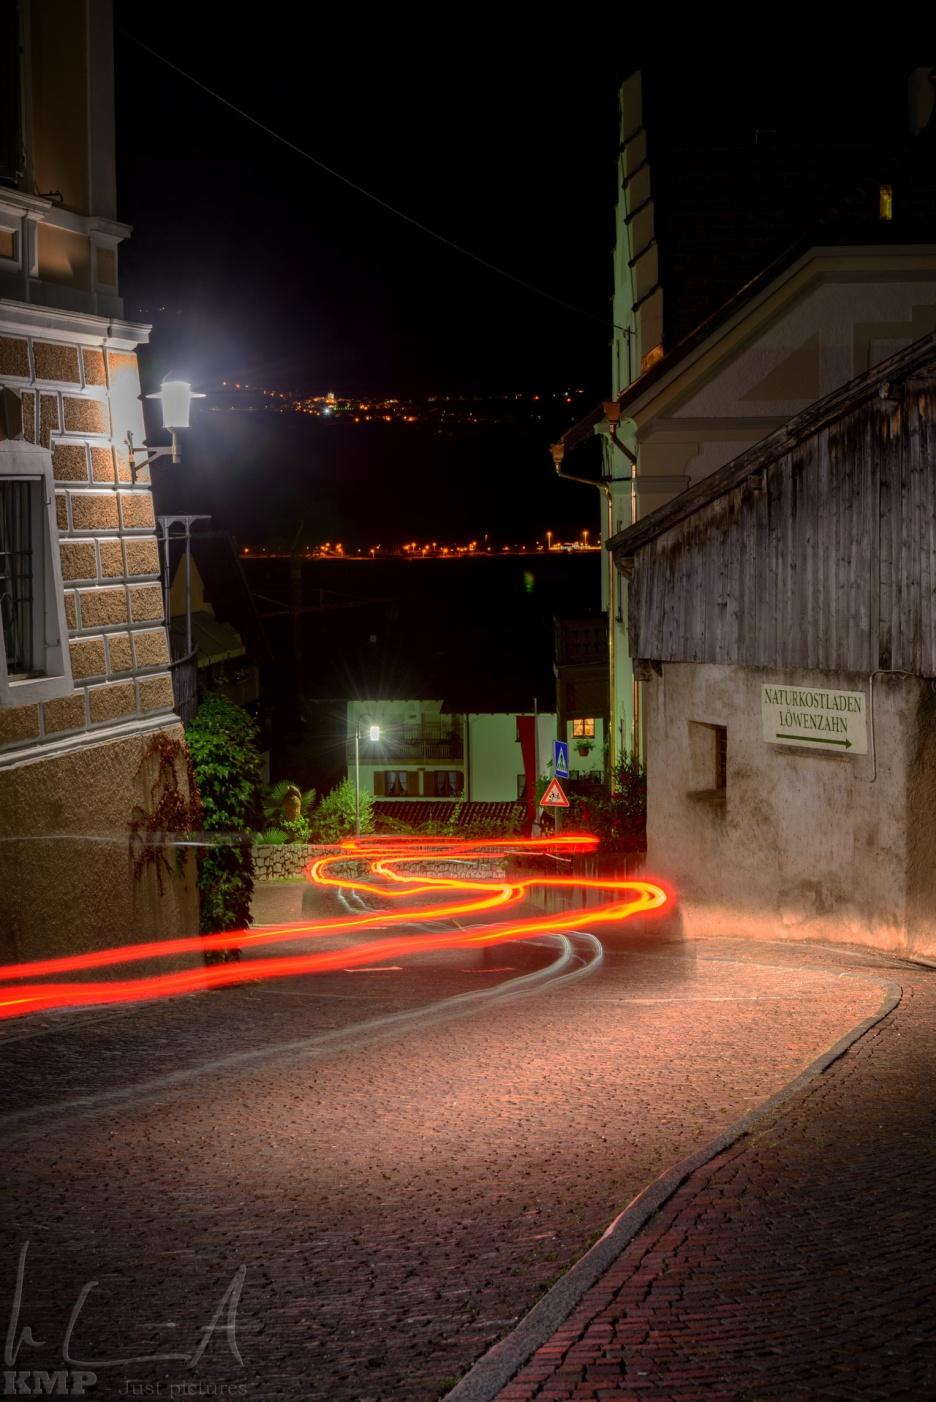 Lichtspiele in den Gassen von Tramin